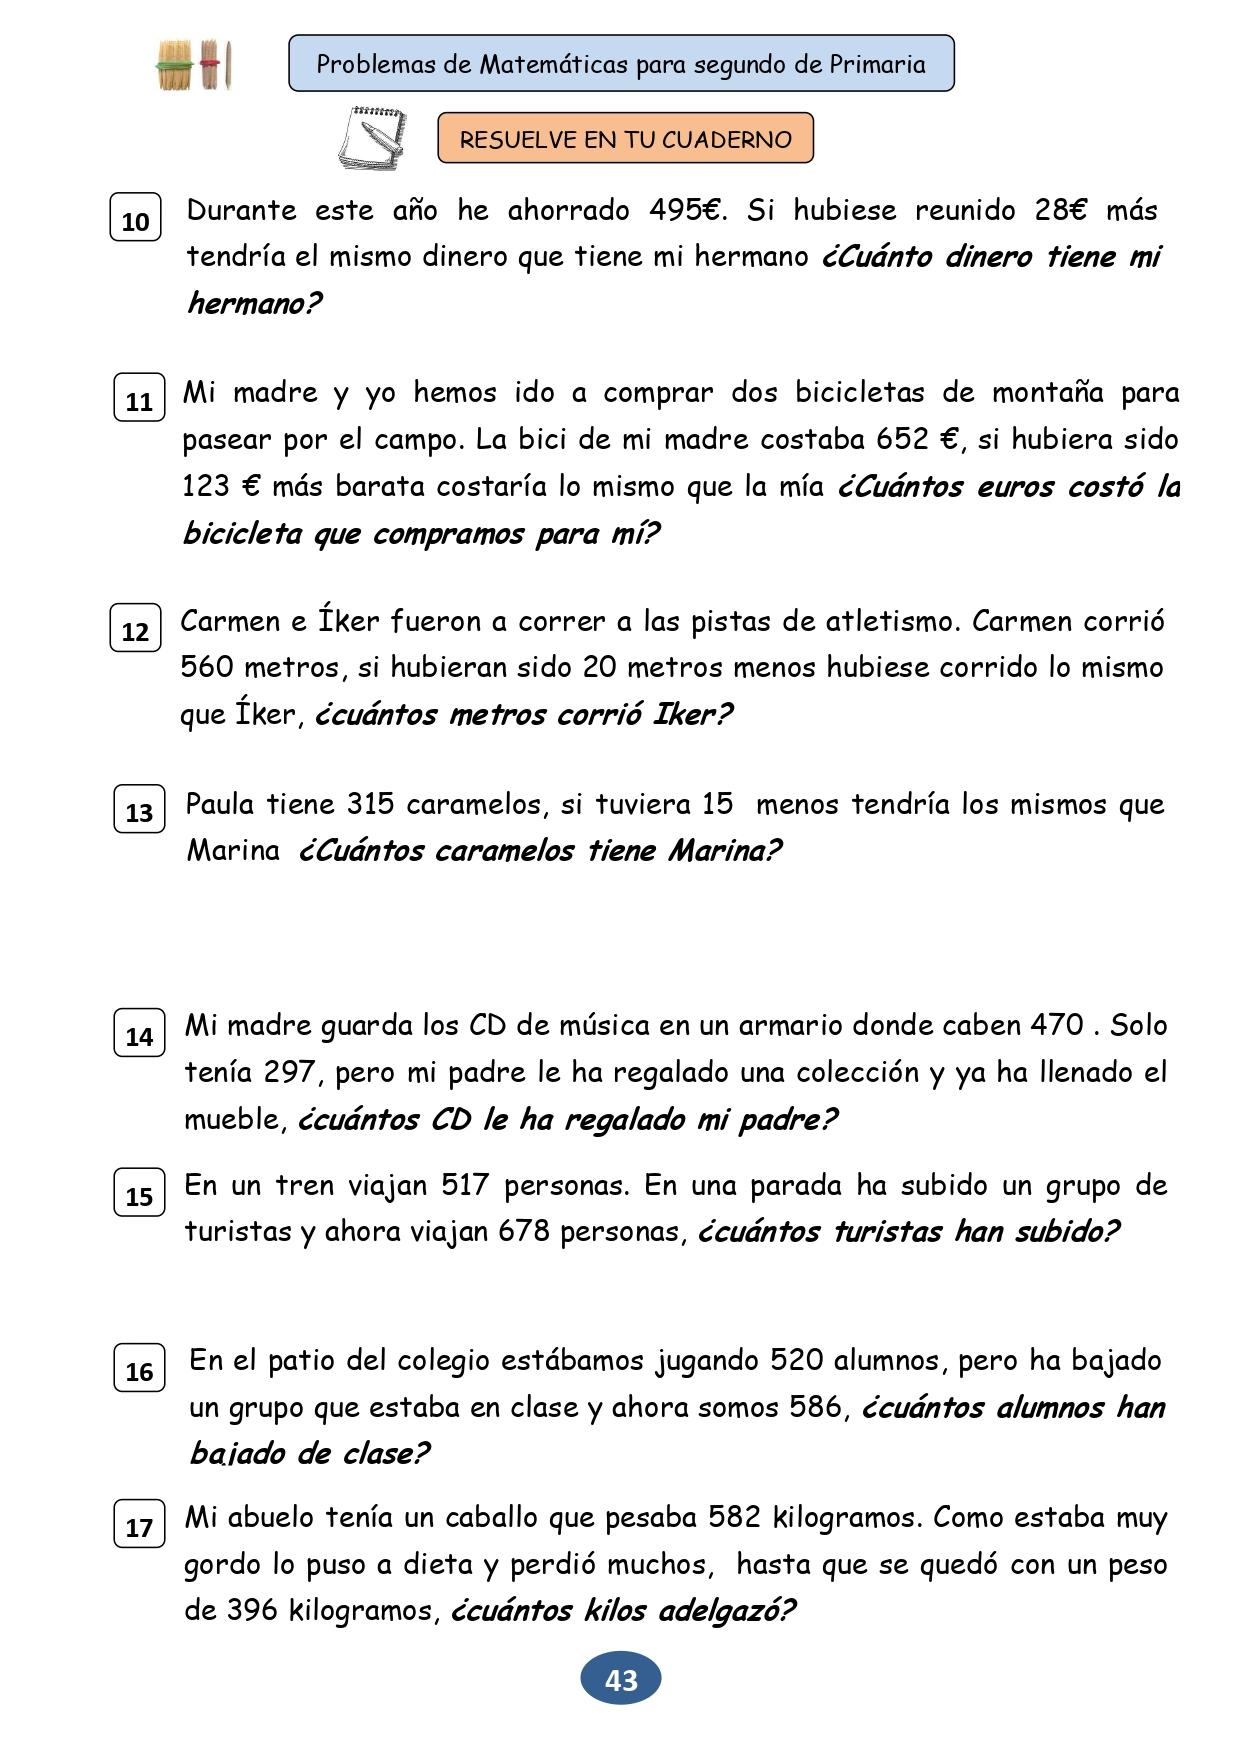 Ejercicios-De-Matem-ticas-Para-Segundo-Grado-De-Primaria-Pdf-43